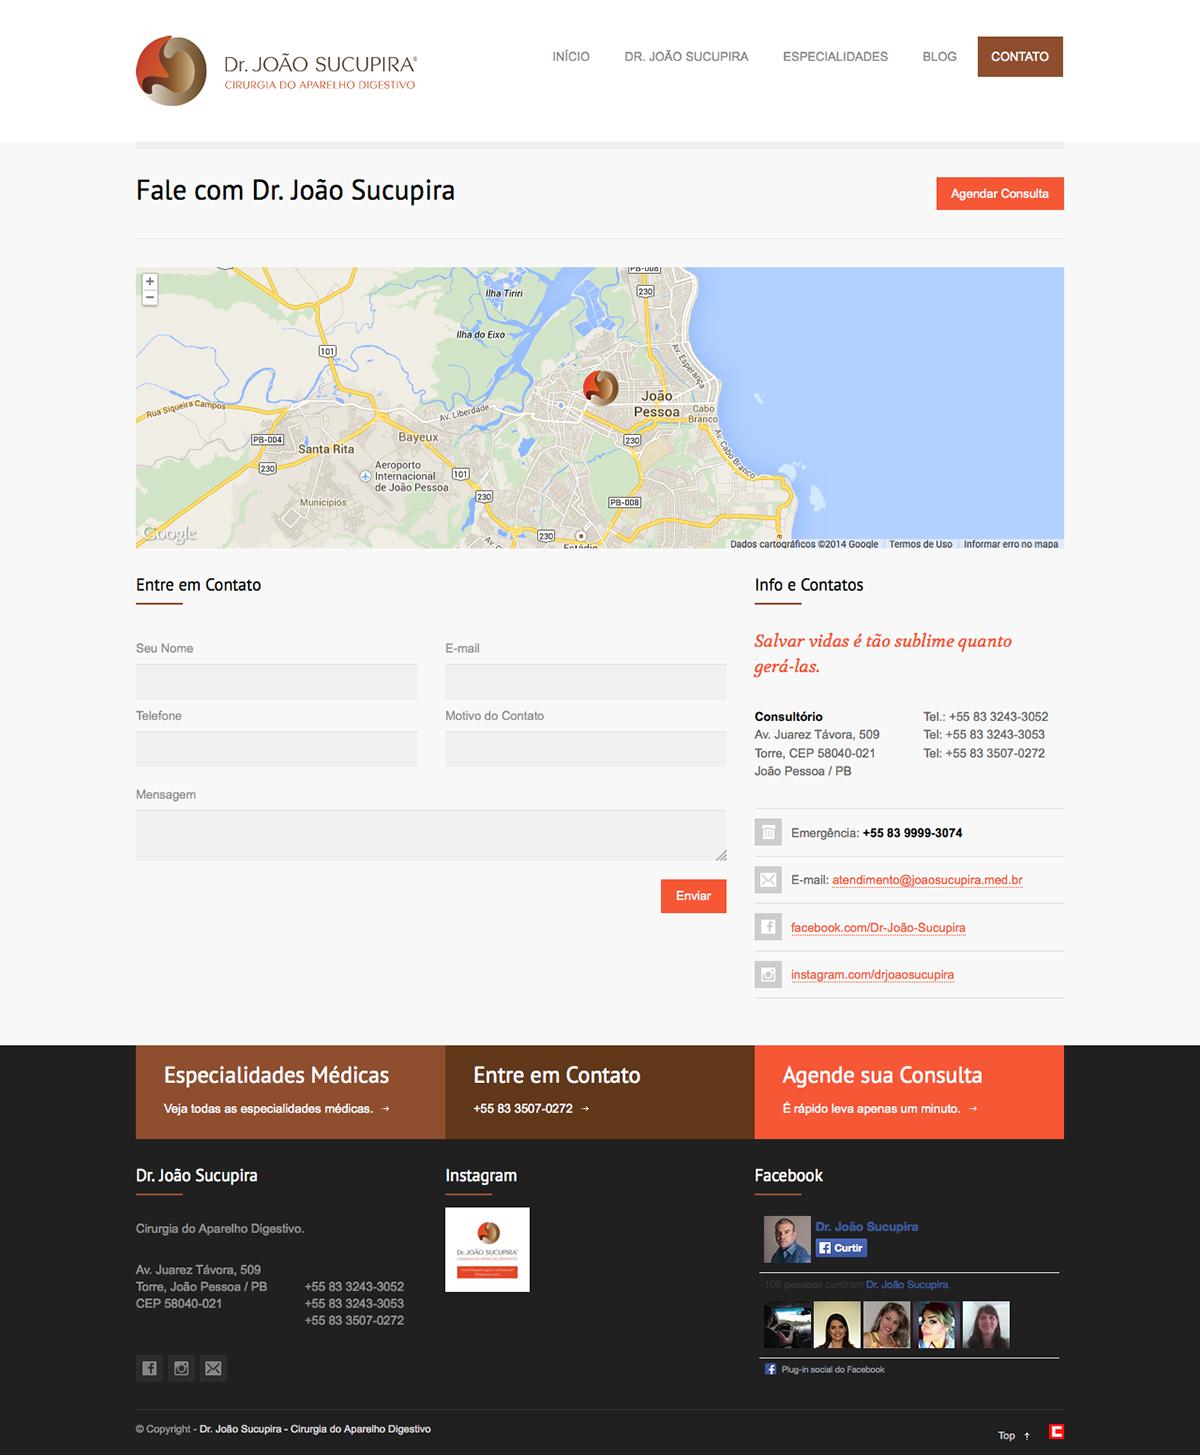 criação de sites construir sites criar sites site site responsivo Site Mobile Celular dr. João sucupira medico site médico clidenor clidenorjr clidenorME